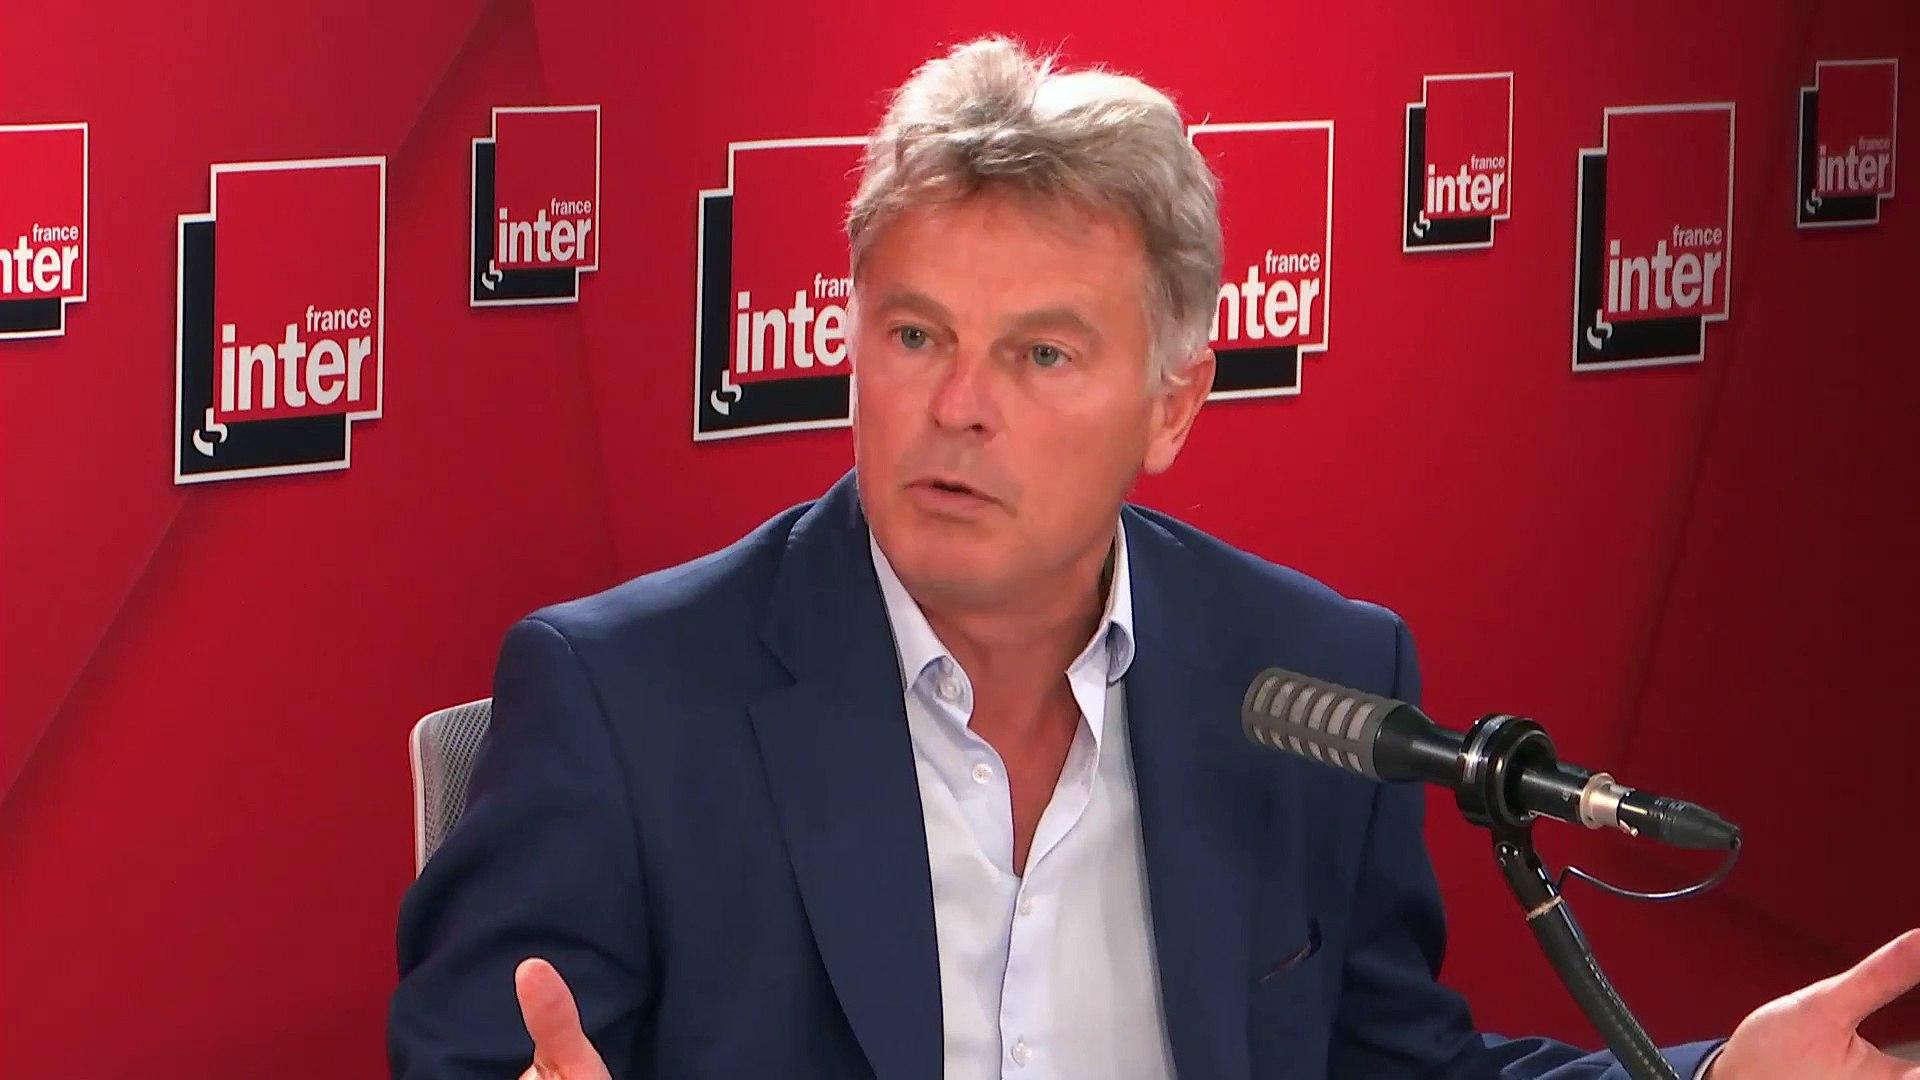 L'invité du 13h : Fabien Roussel, secrétaire national du PCF - Vidéo  Dailymotion